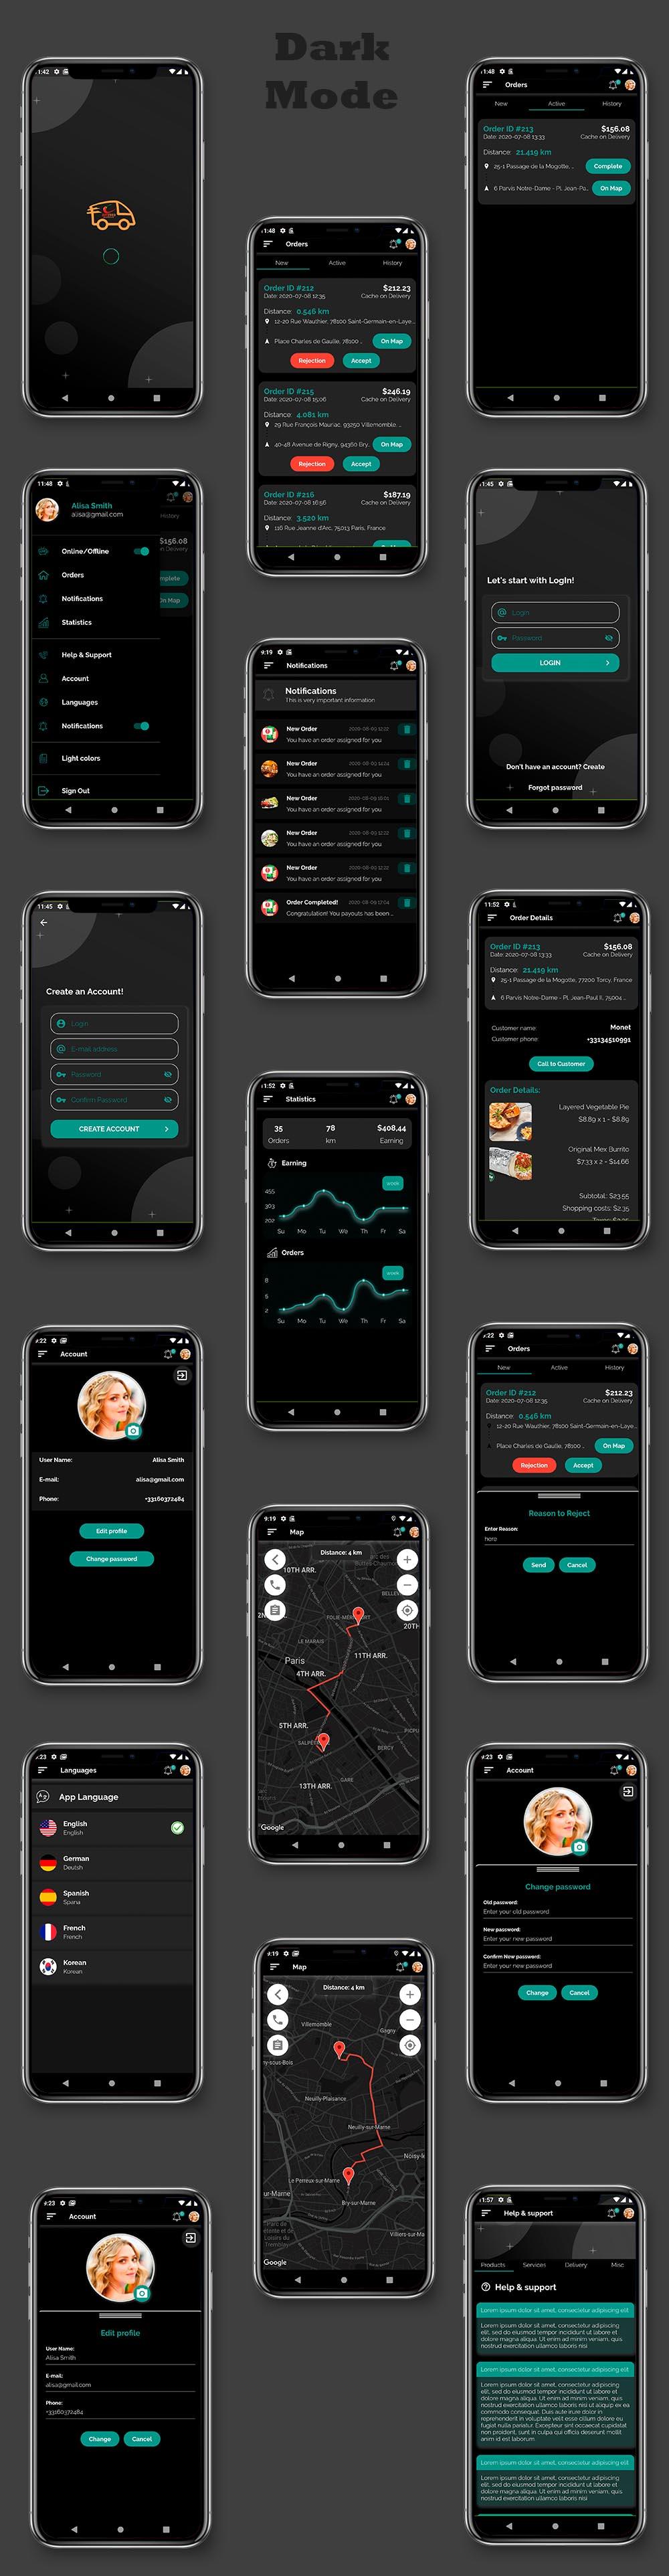 Kit d'interface utilisateur de livraison de nourriture dans Flutter - 3 applications - Application client + application de livraison + application propriétaire - 2